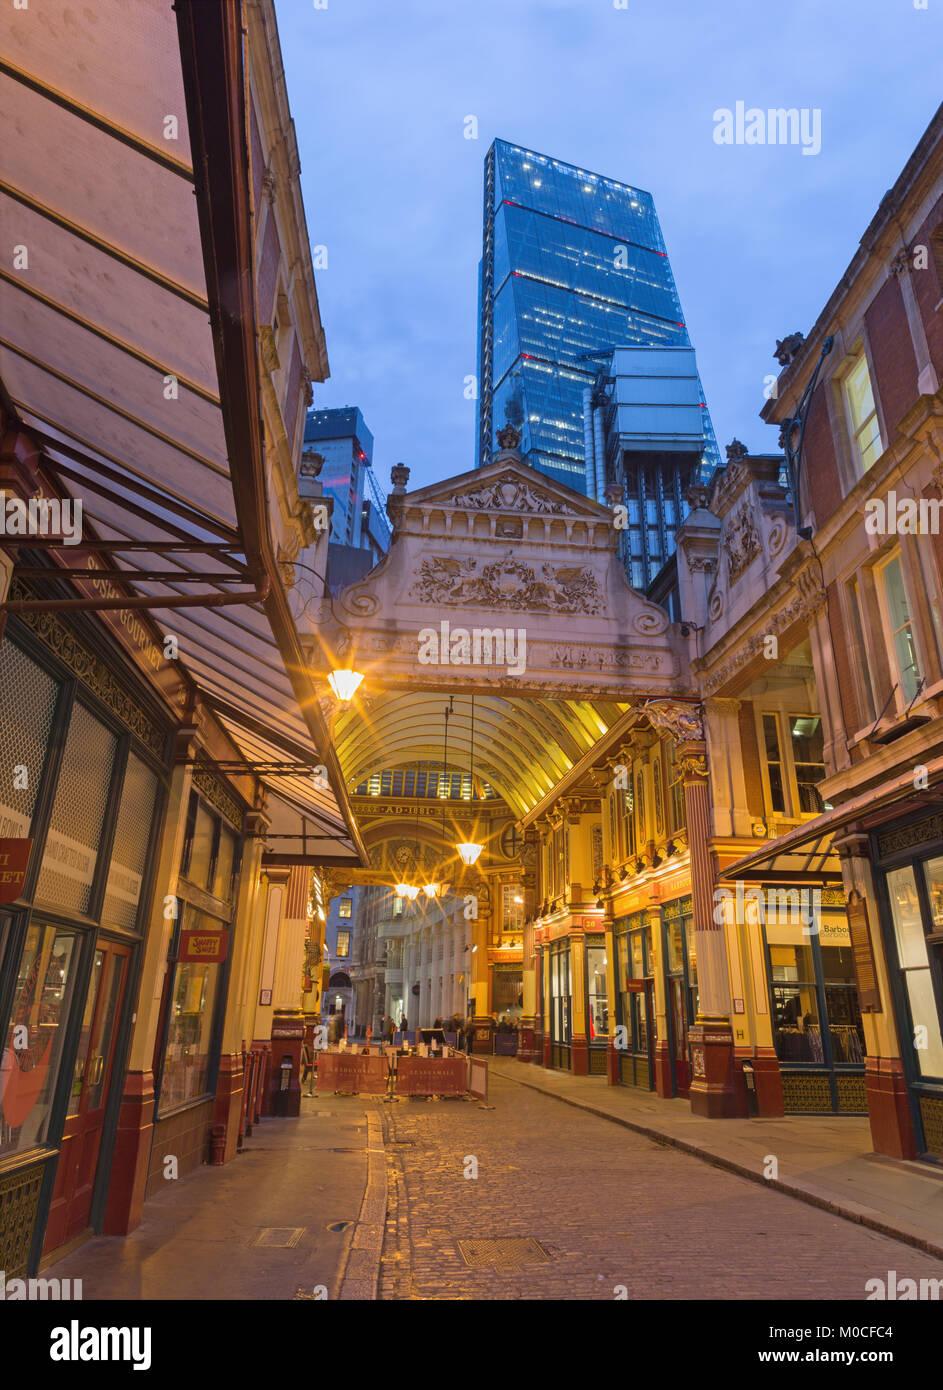 Londres, Gran Bretaña - Septiembre 18, 2017: El mercado Leadenhall y torre Leadenhall al anochecer. Imagen De Stock